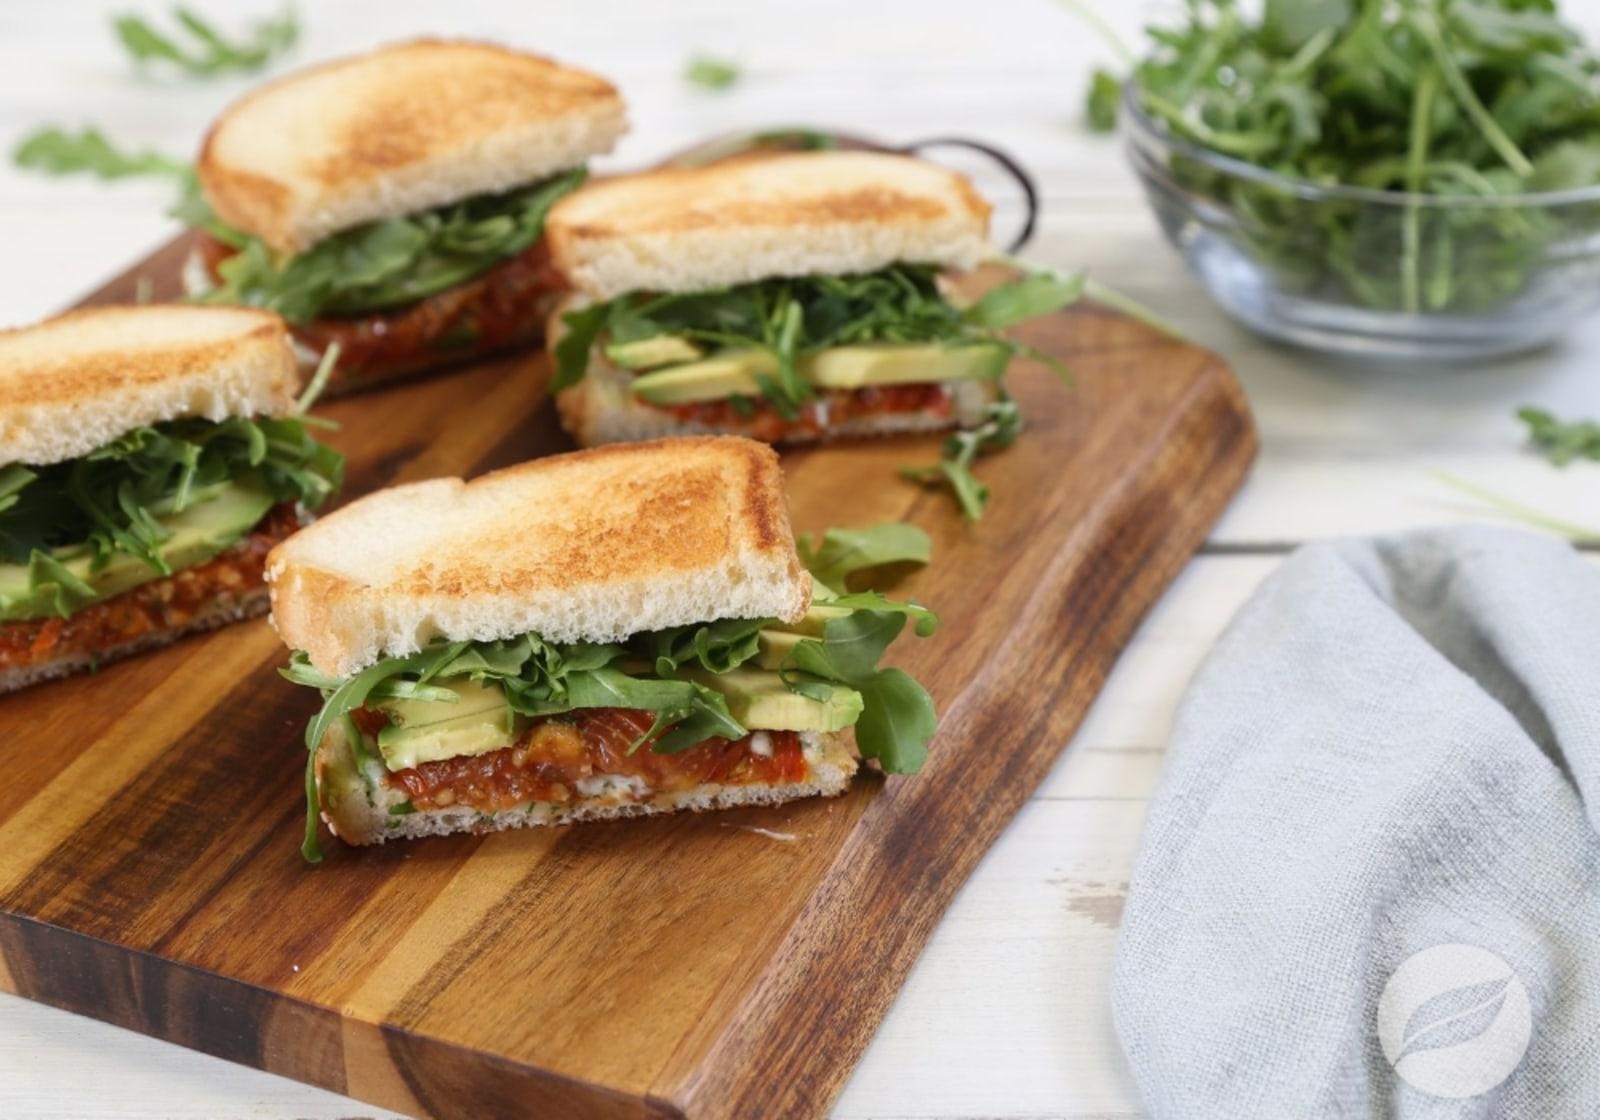 Image of Roasted Tomato Sandwiches